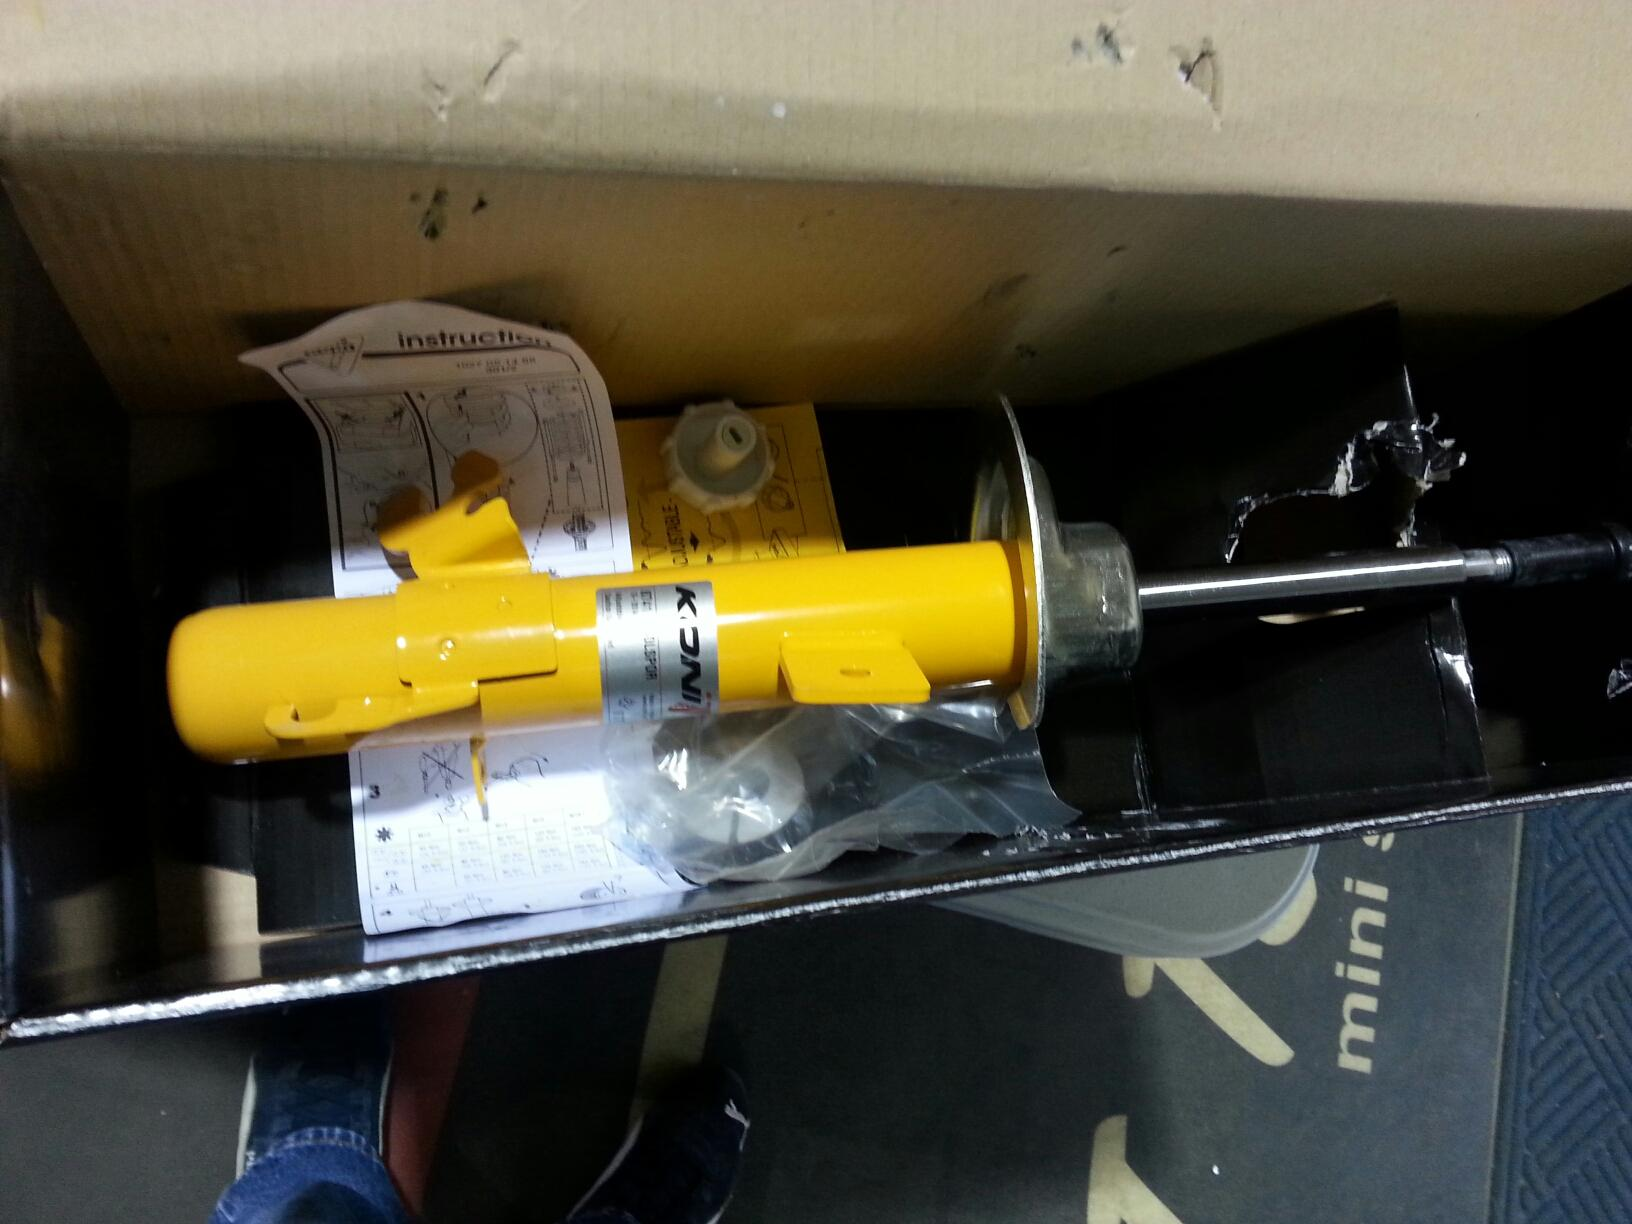 Koni shocks for my R52